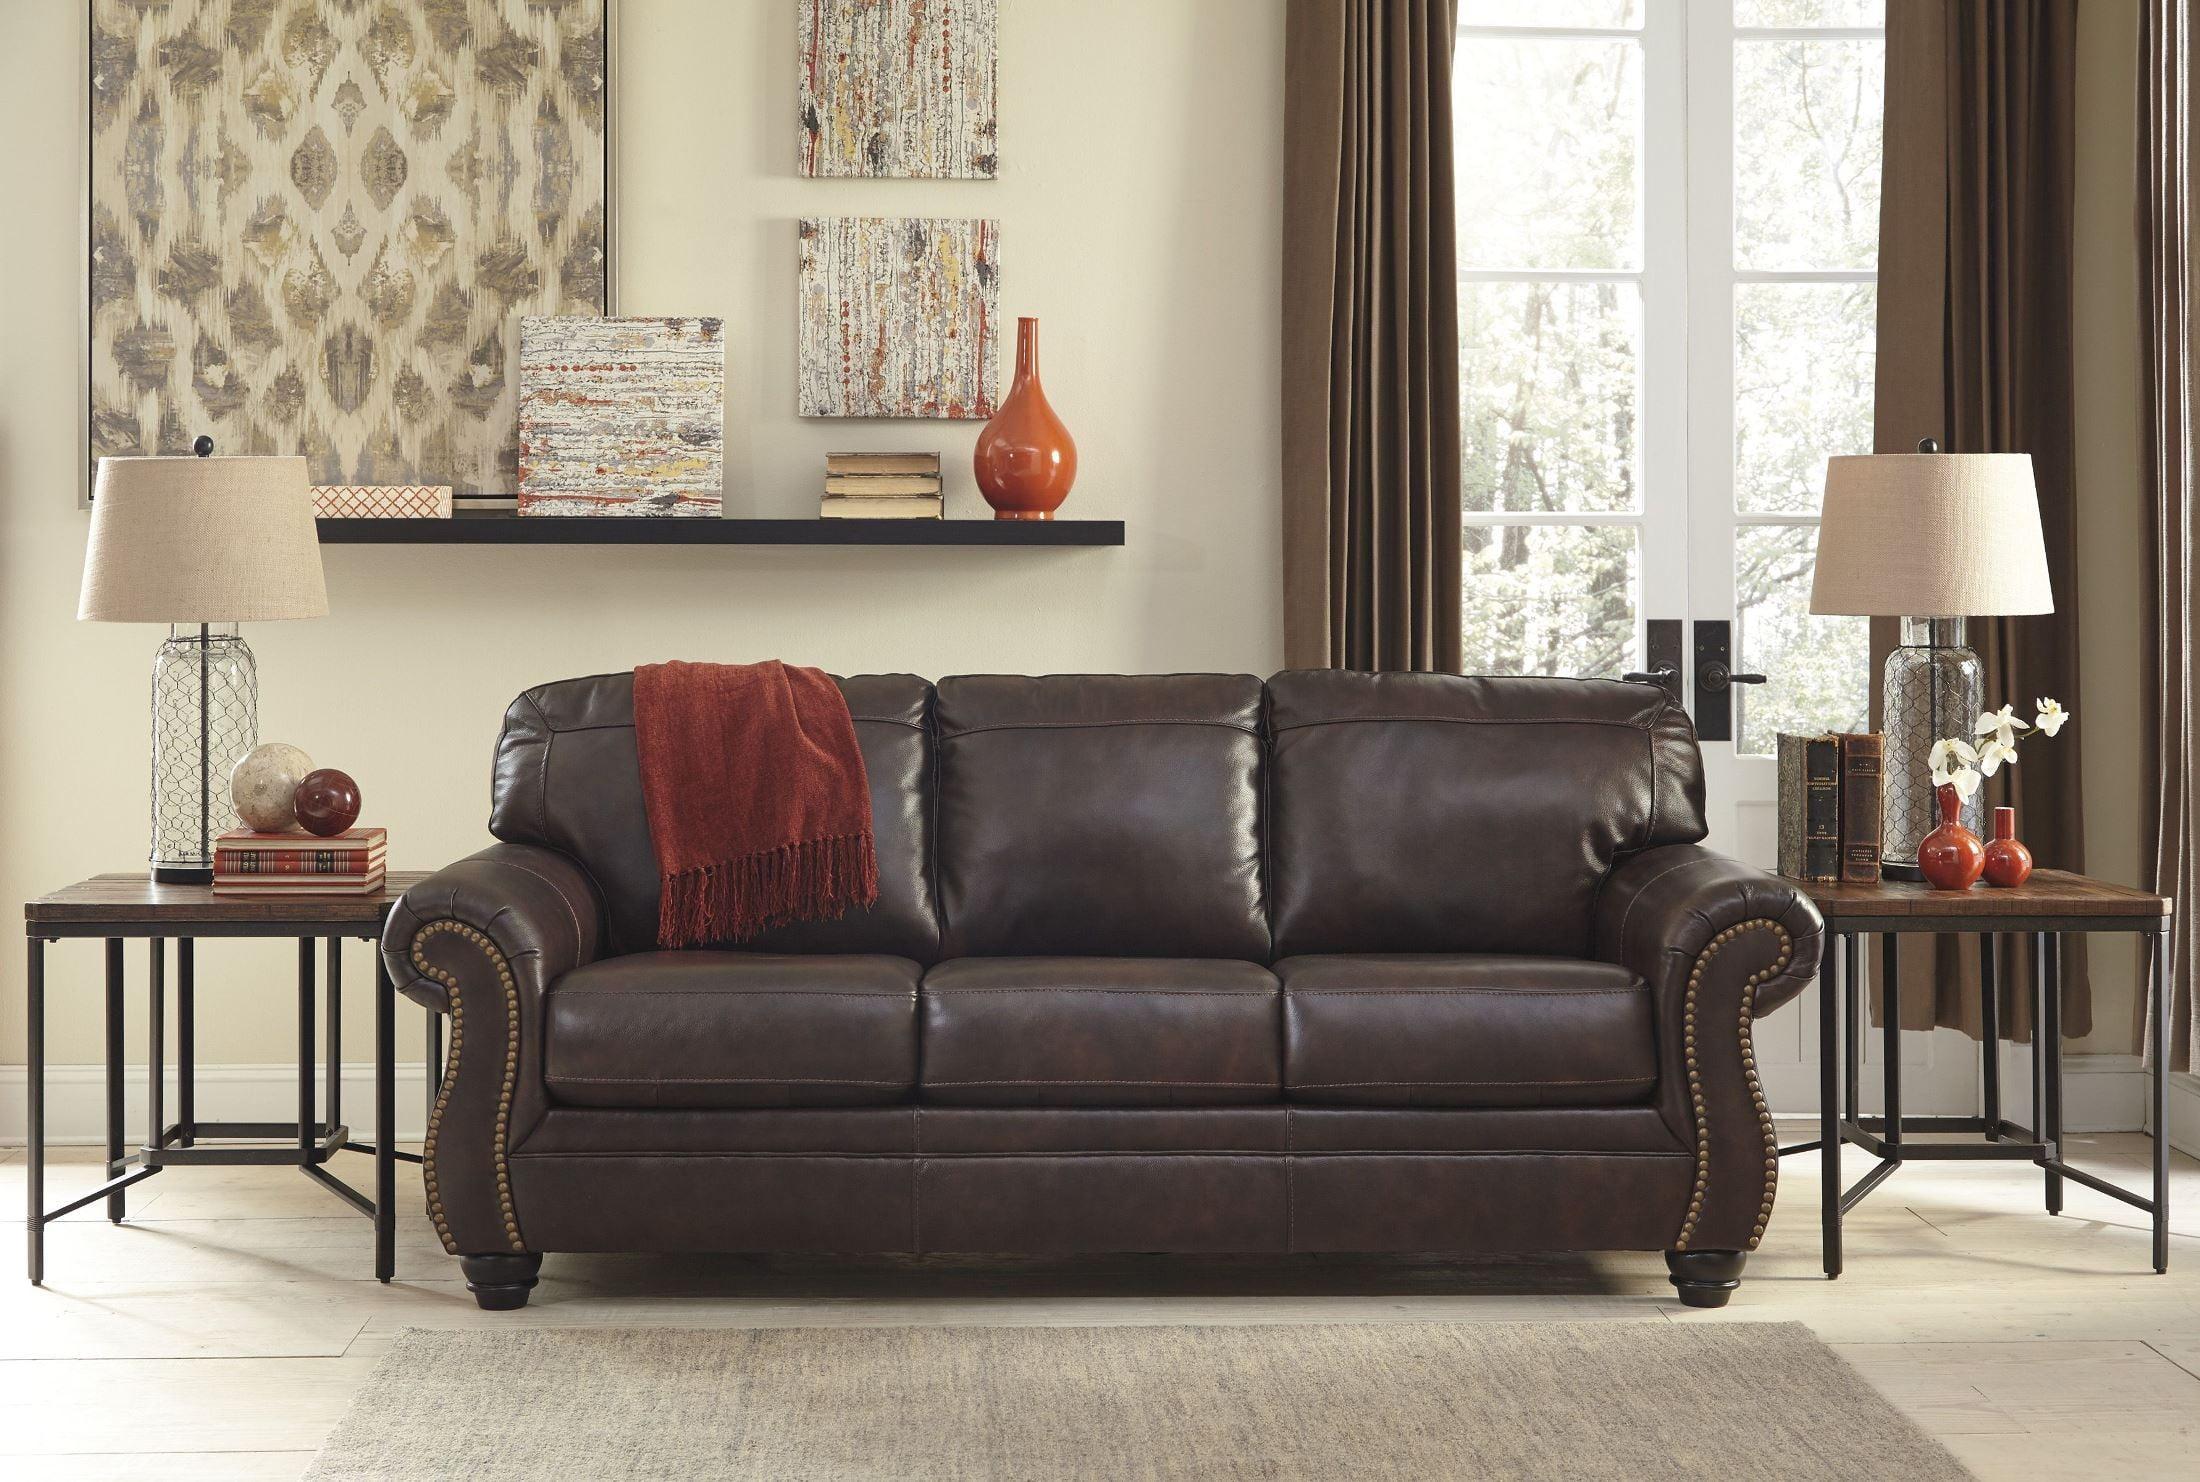 Admirable Bristan Walnut Sofa Unemploymentrelief Wooden Chair Designs For Living Room Unemploymentrelieforg